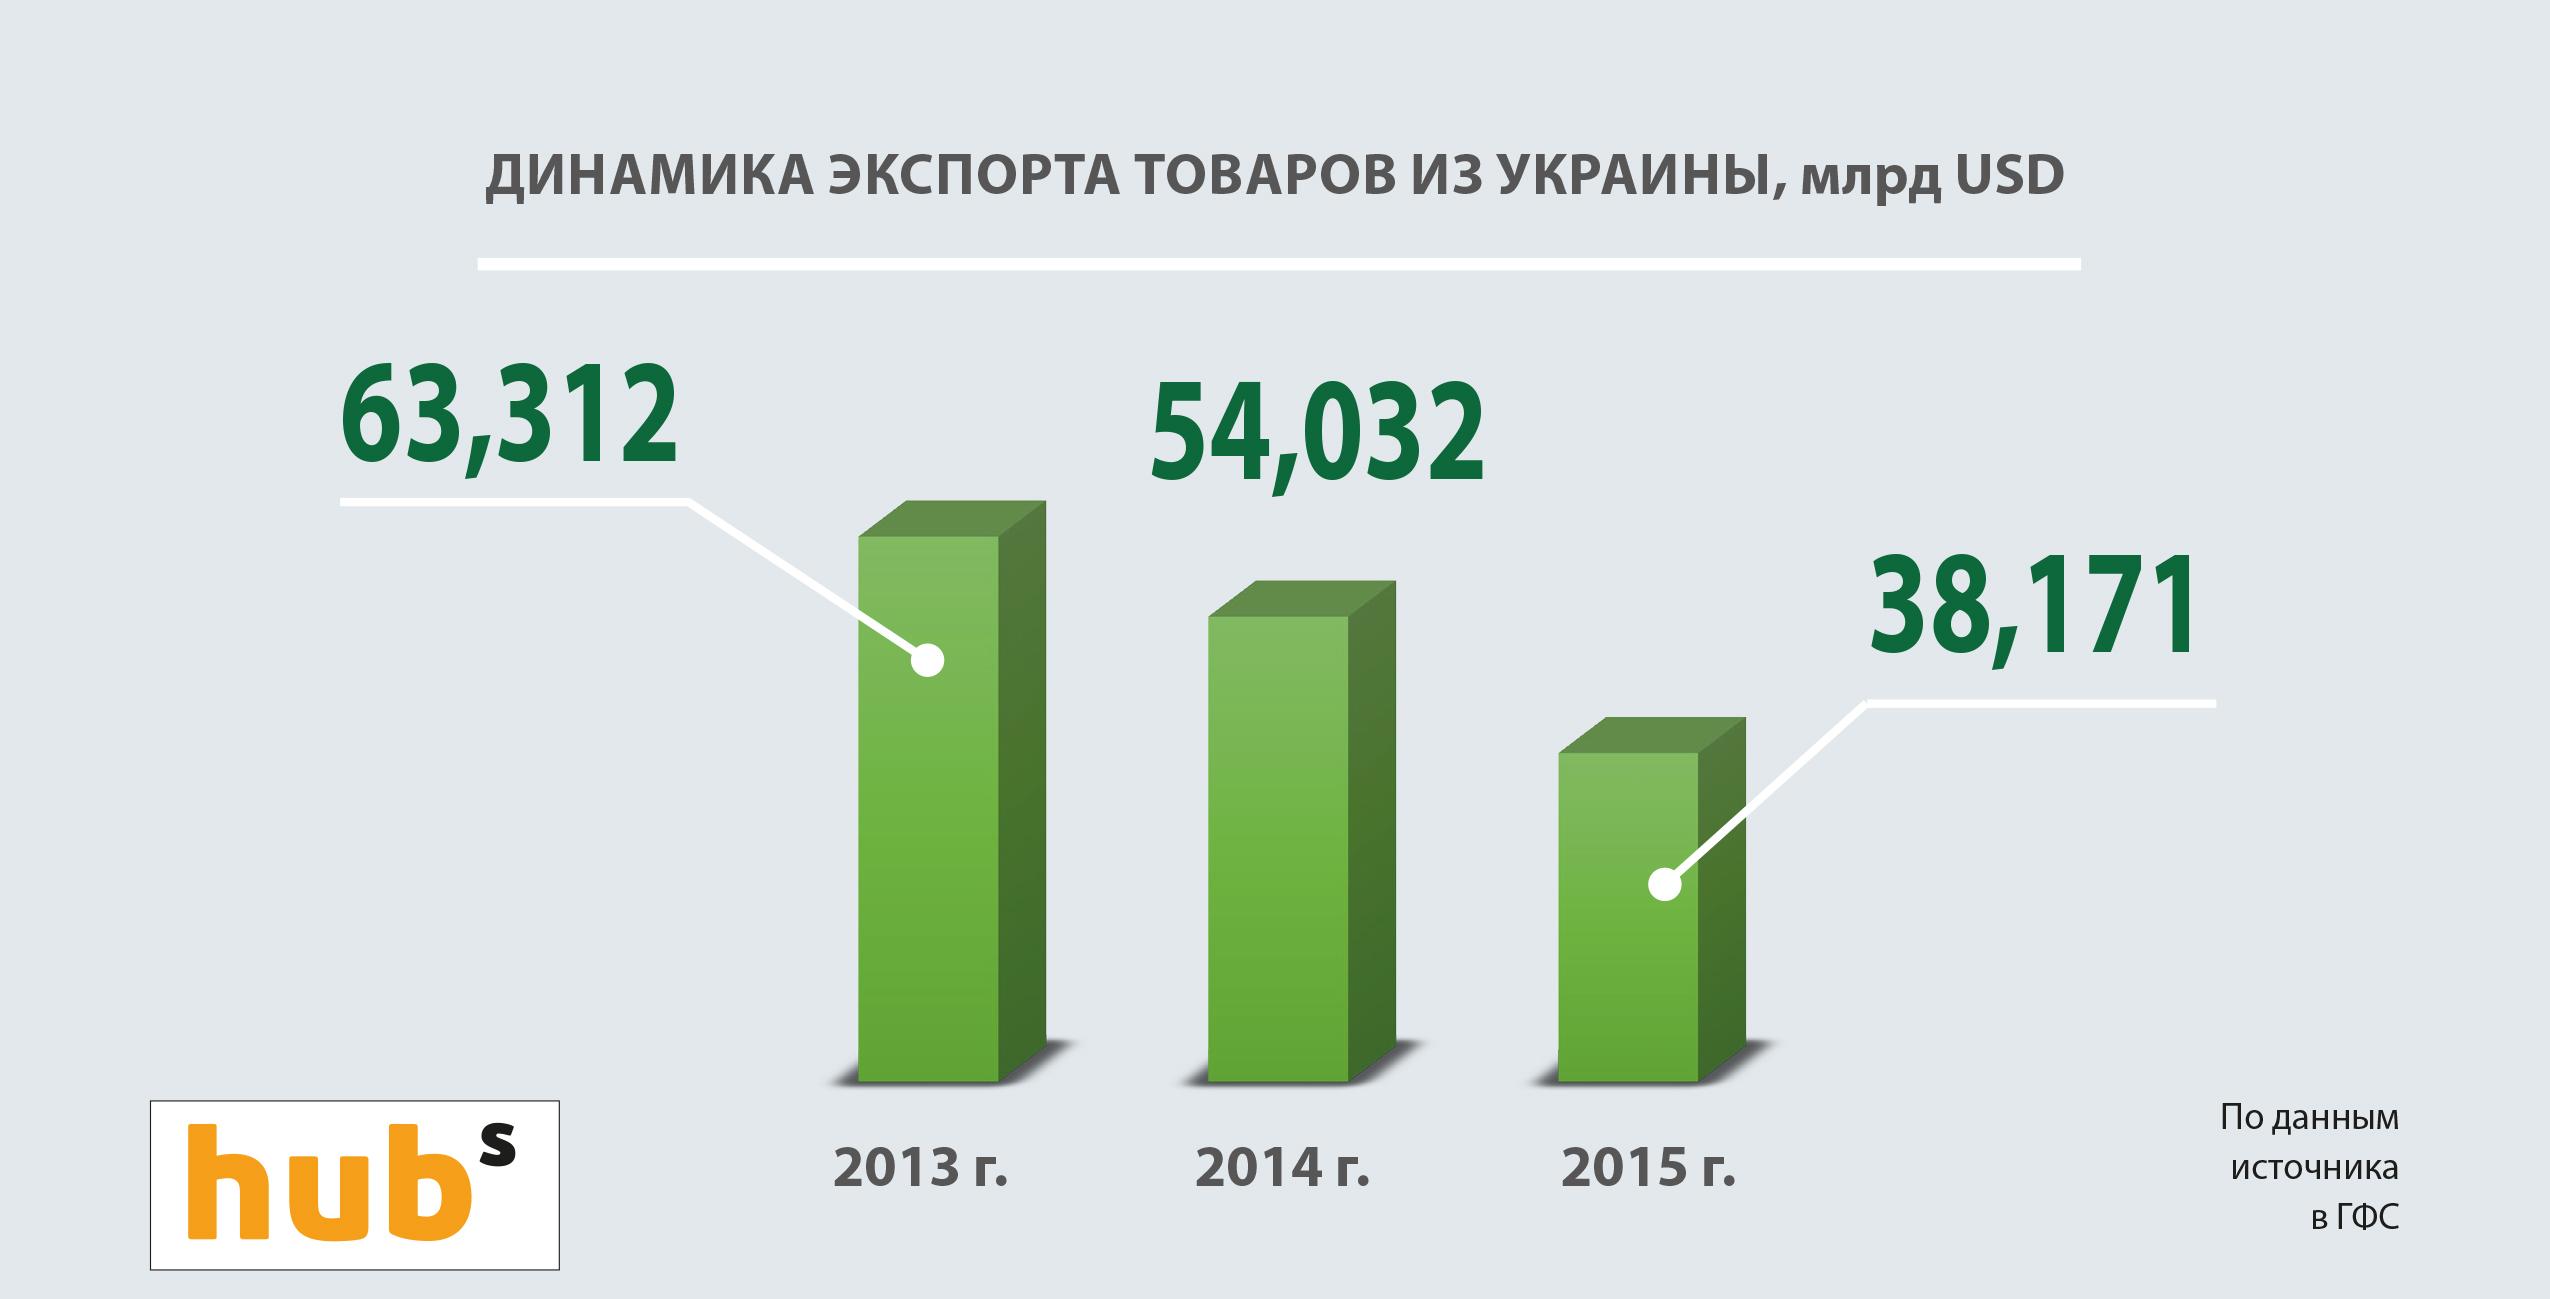 Динамика украинского экспорта